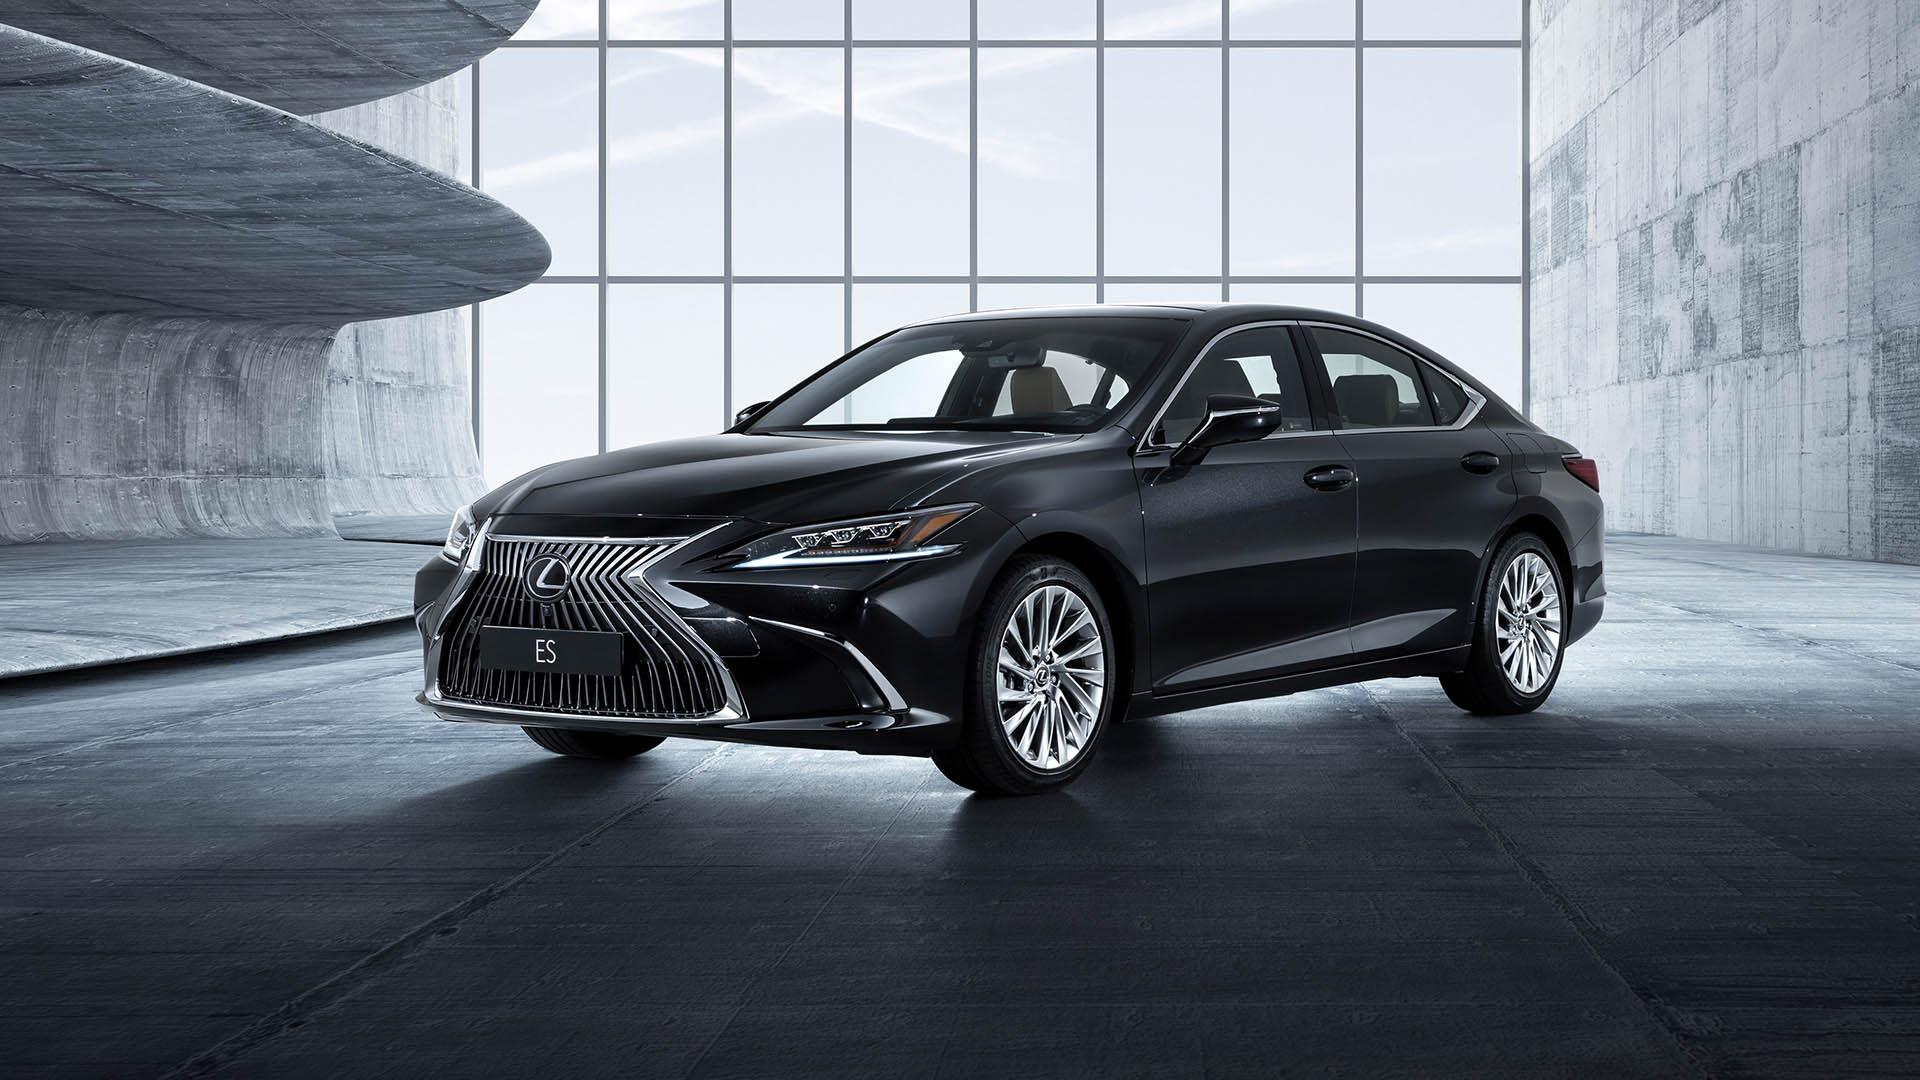 De nieuwe Lexus ES dynamisch en verfijnd hero